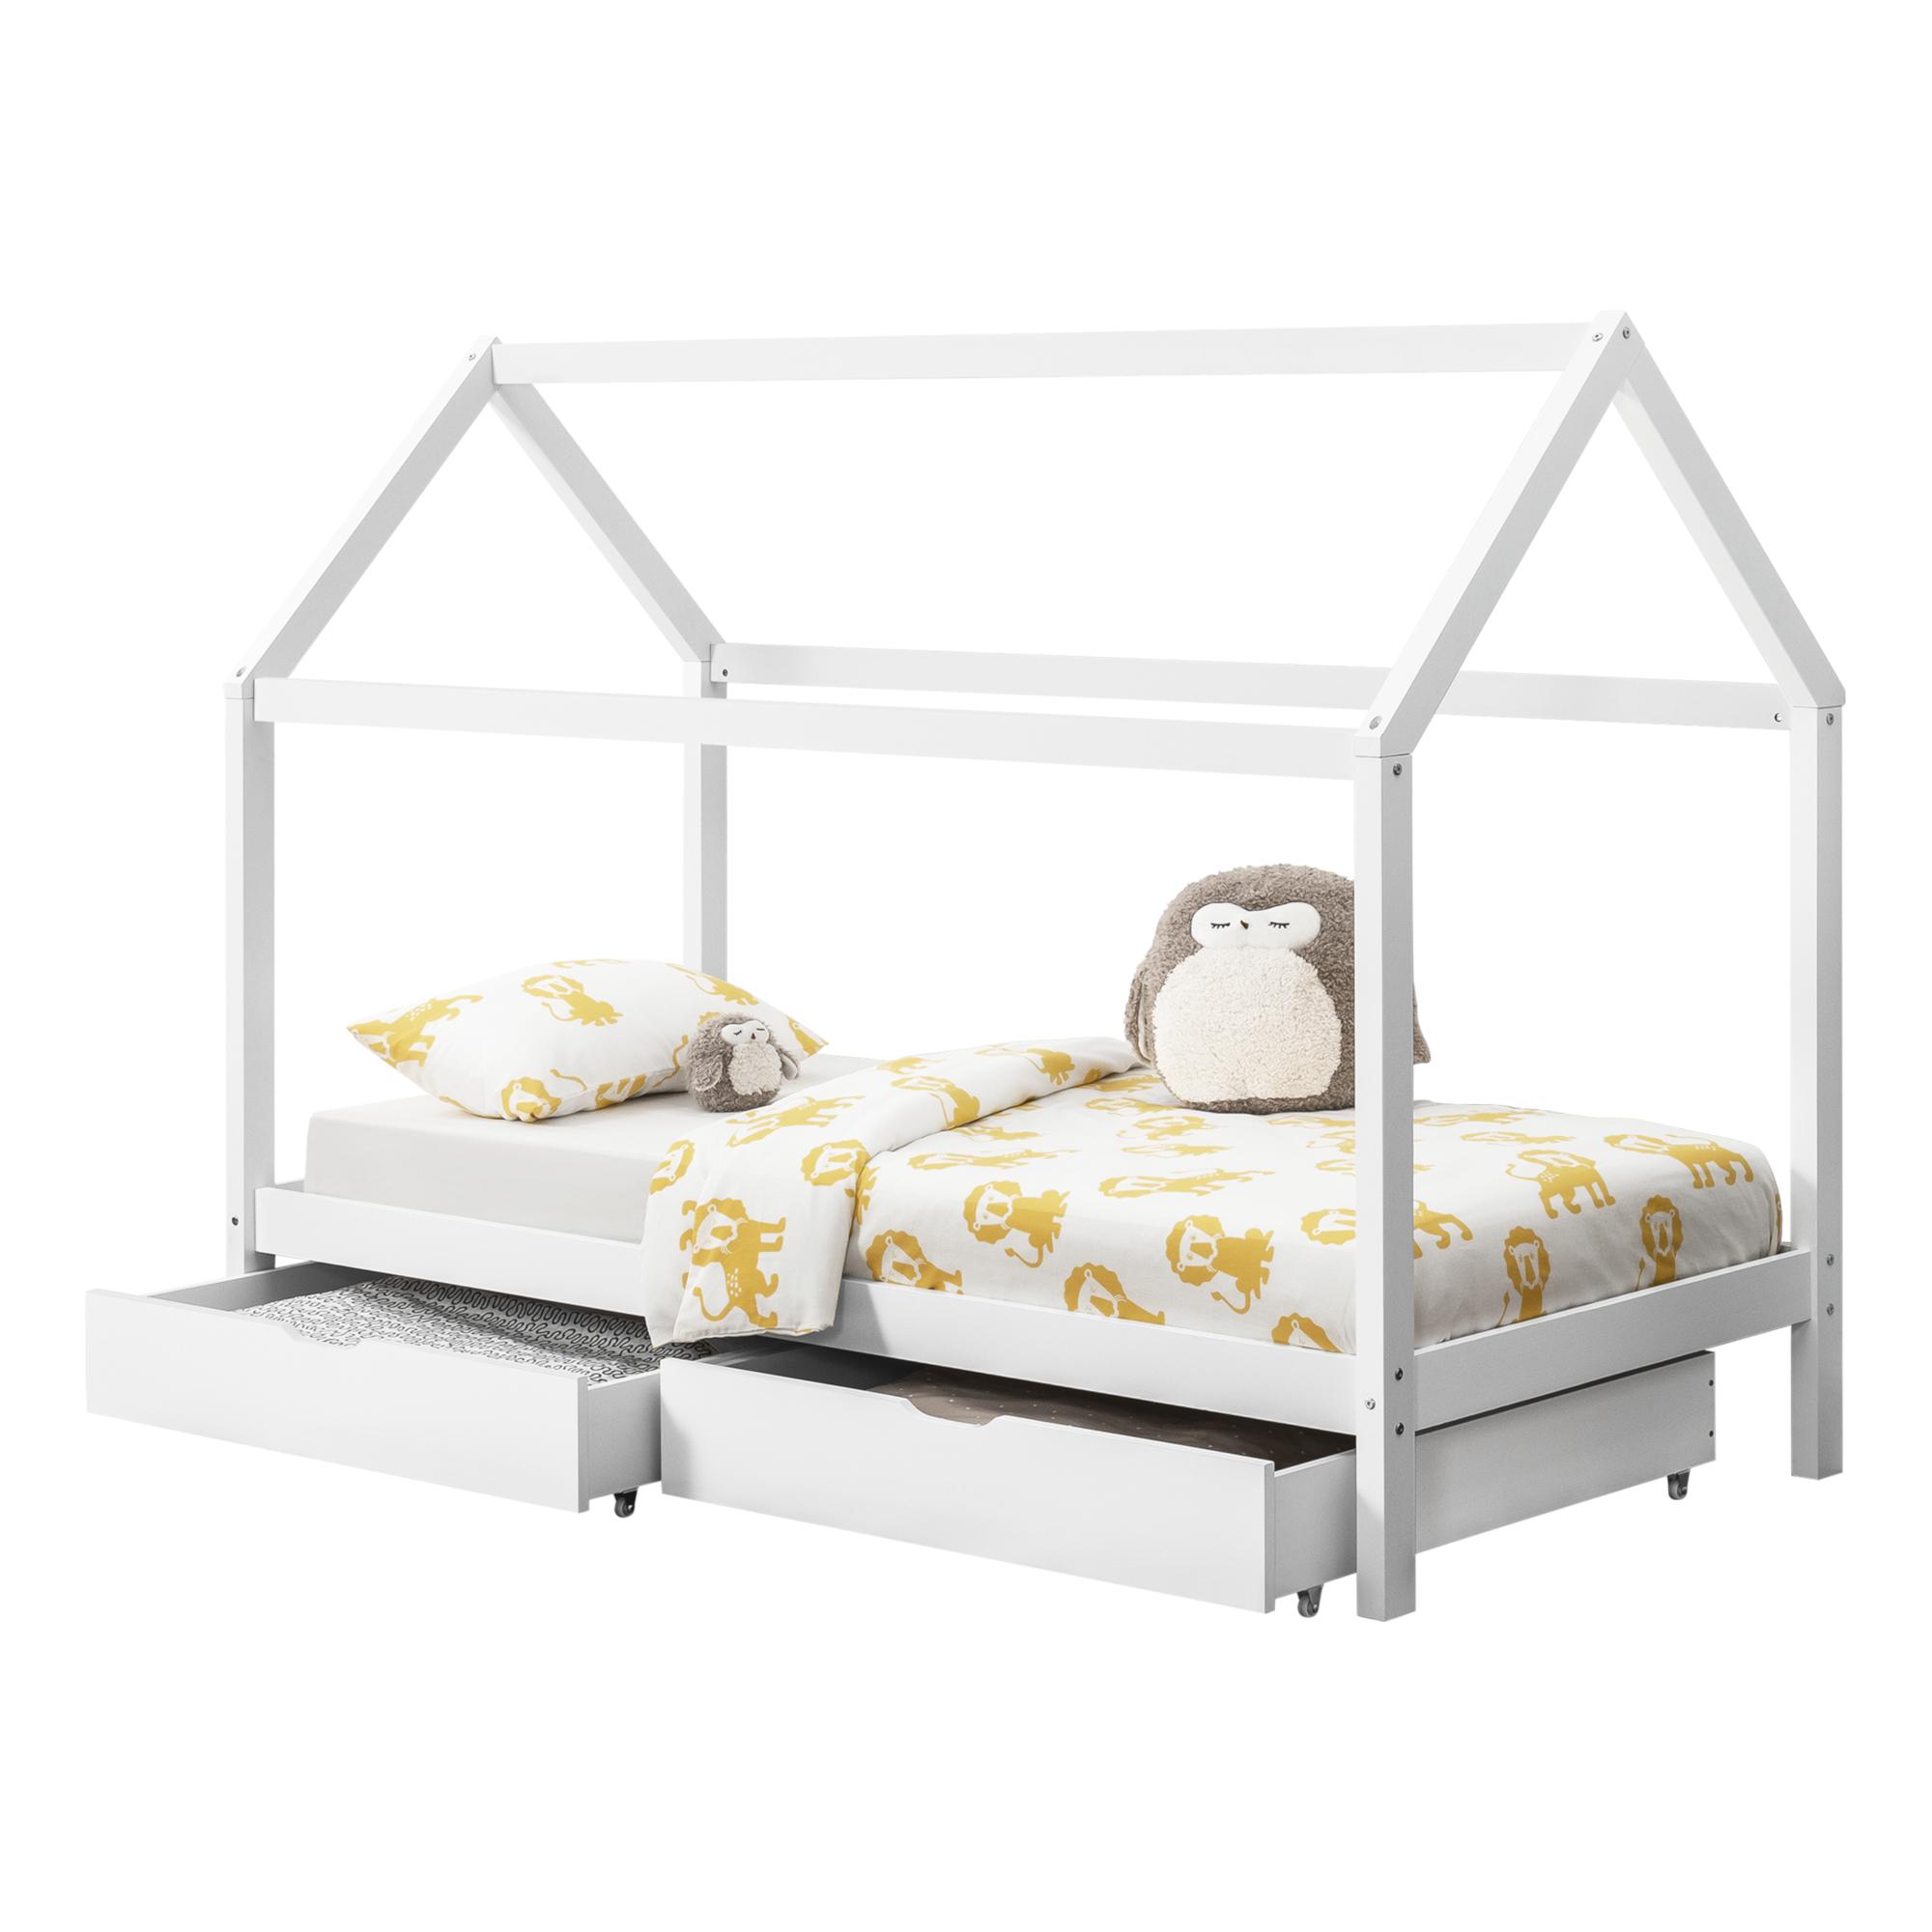 Full Size of Hausbett 100x200 Encasa Kinderbett Mit Bettkasten 90x200cm Haus Holz Wei Betten Bett Weiß Wohnzimmer Hausbett 100x200